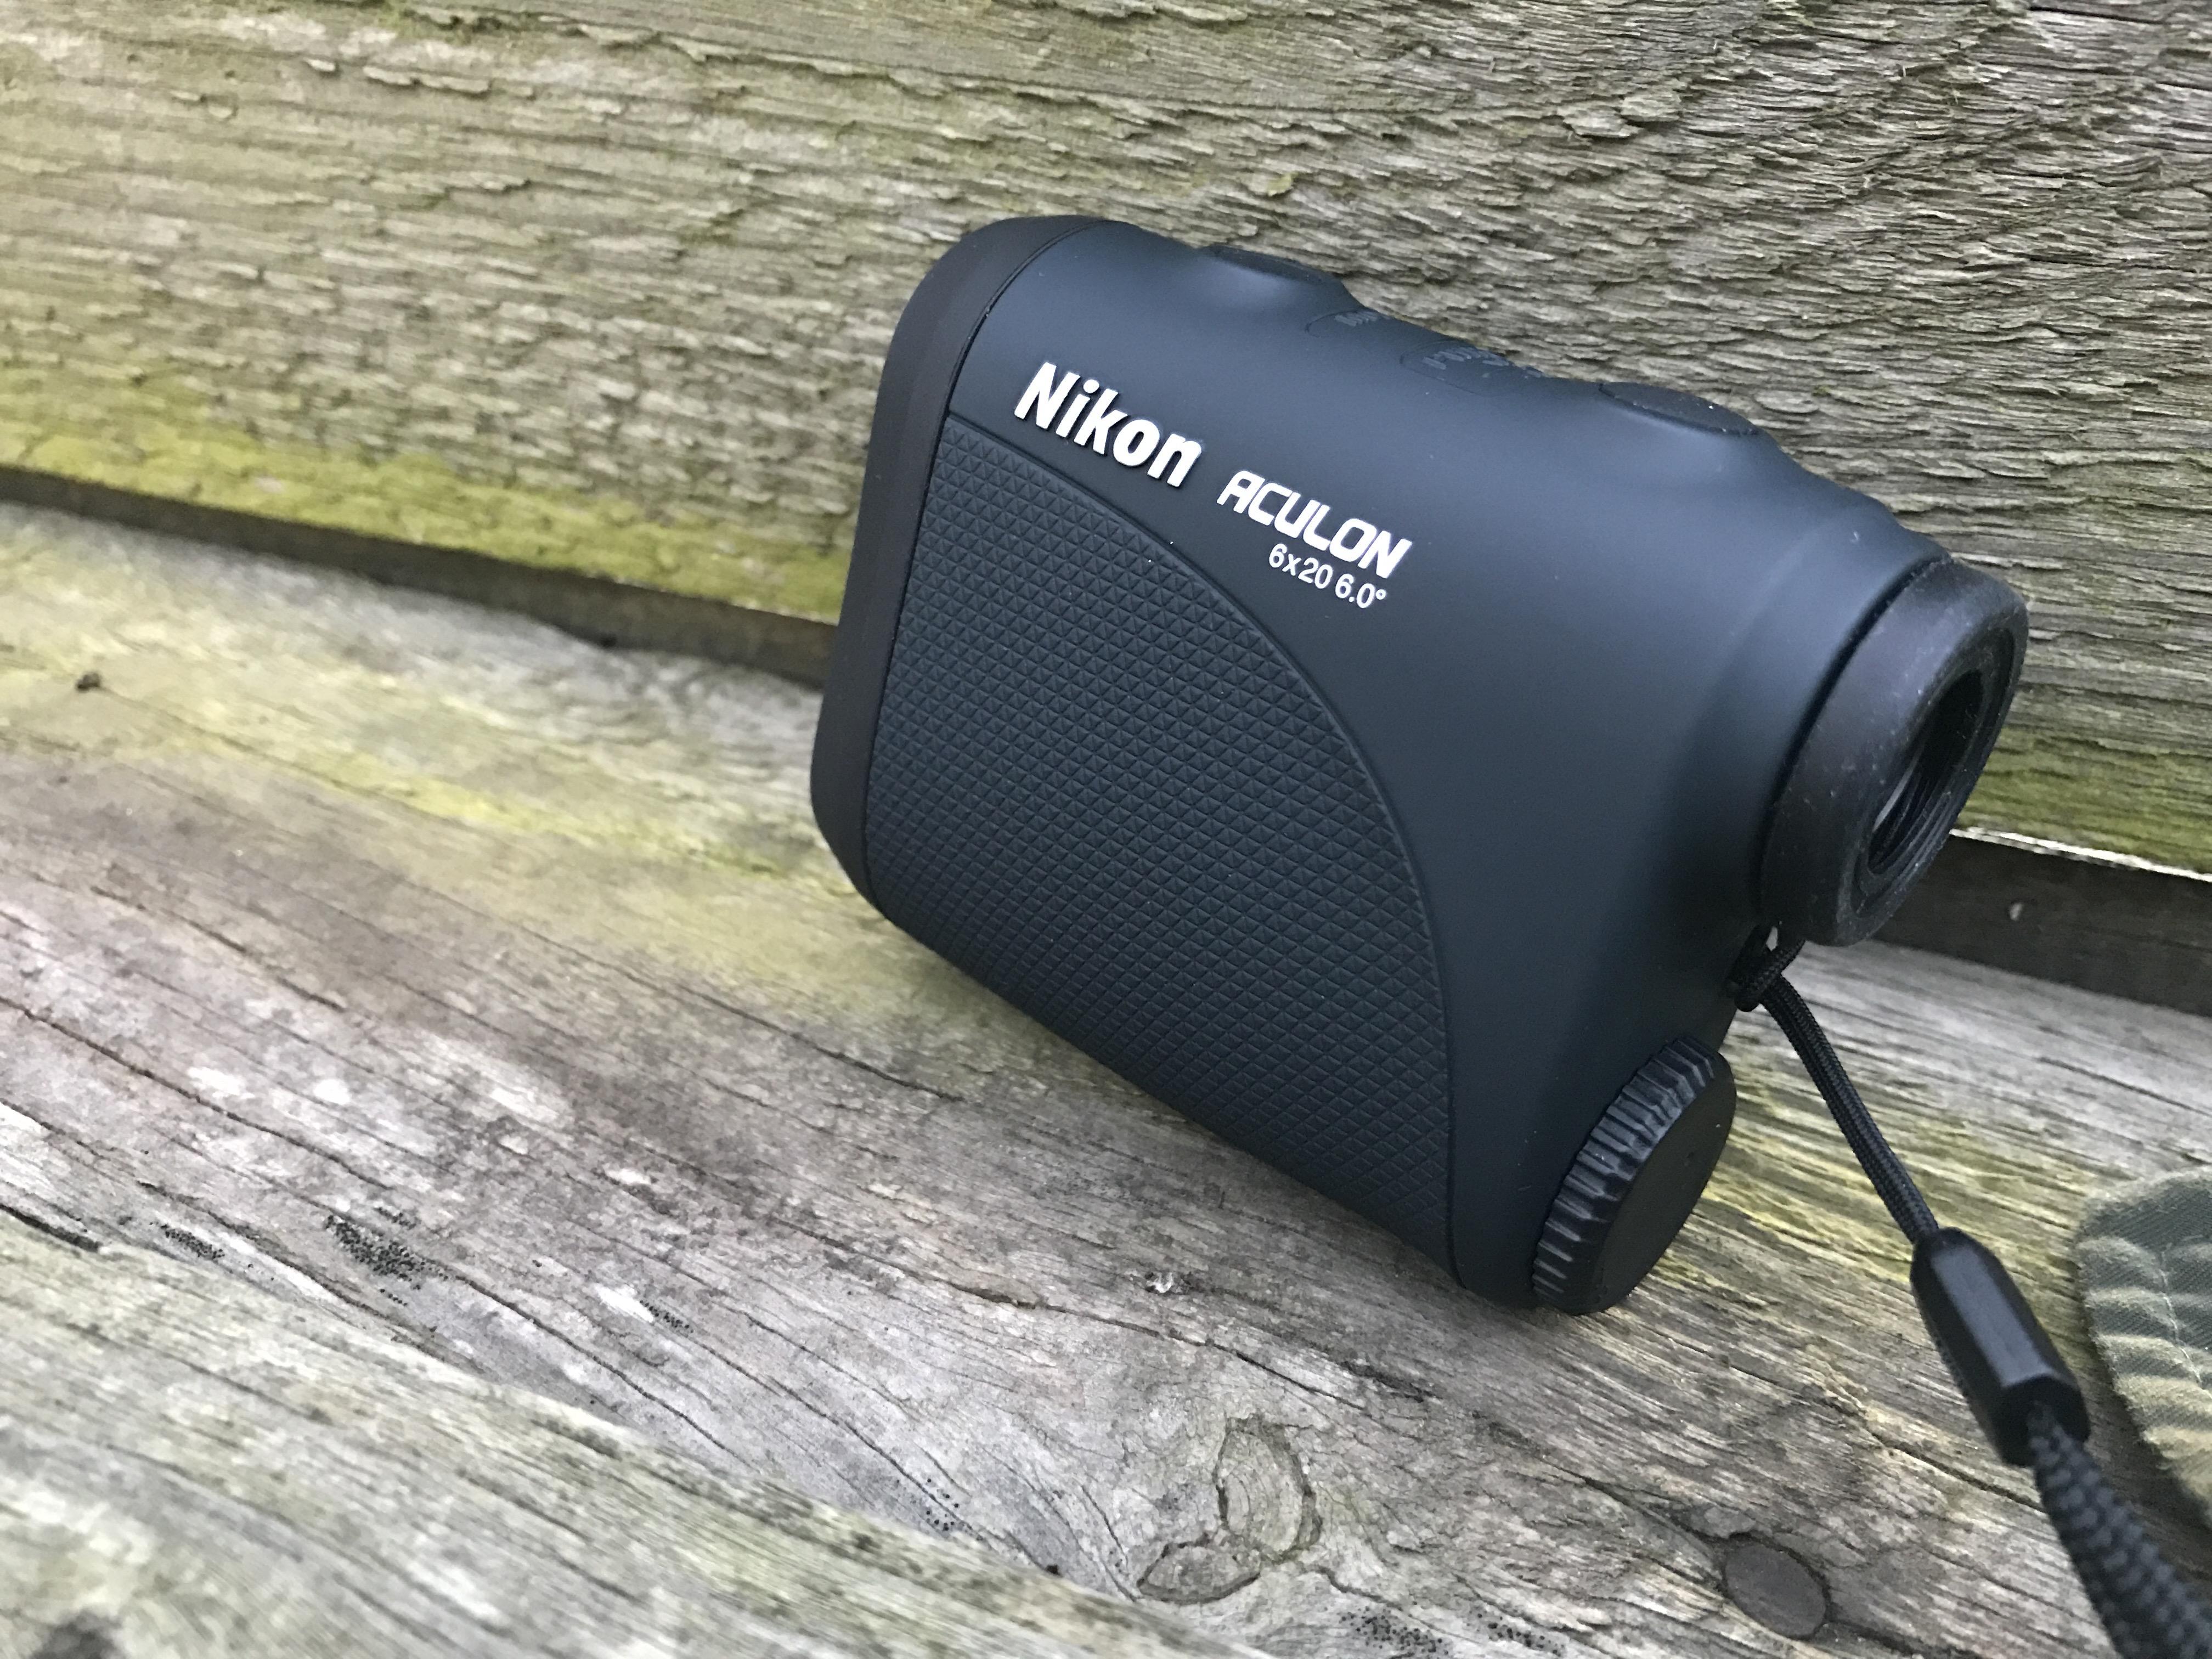 Nikon Entfernungsmesser Kaufen : Offizieller nikon shop deutschland digitalkameras objektive